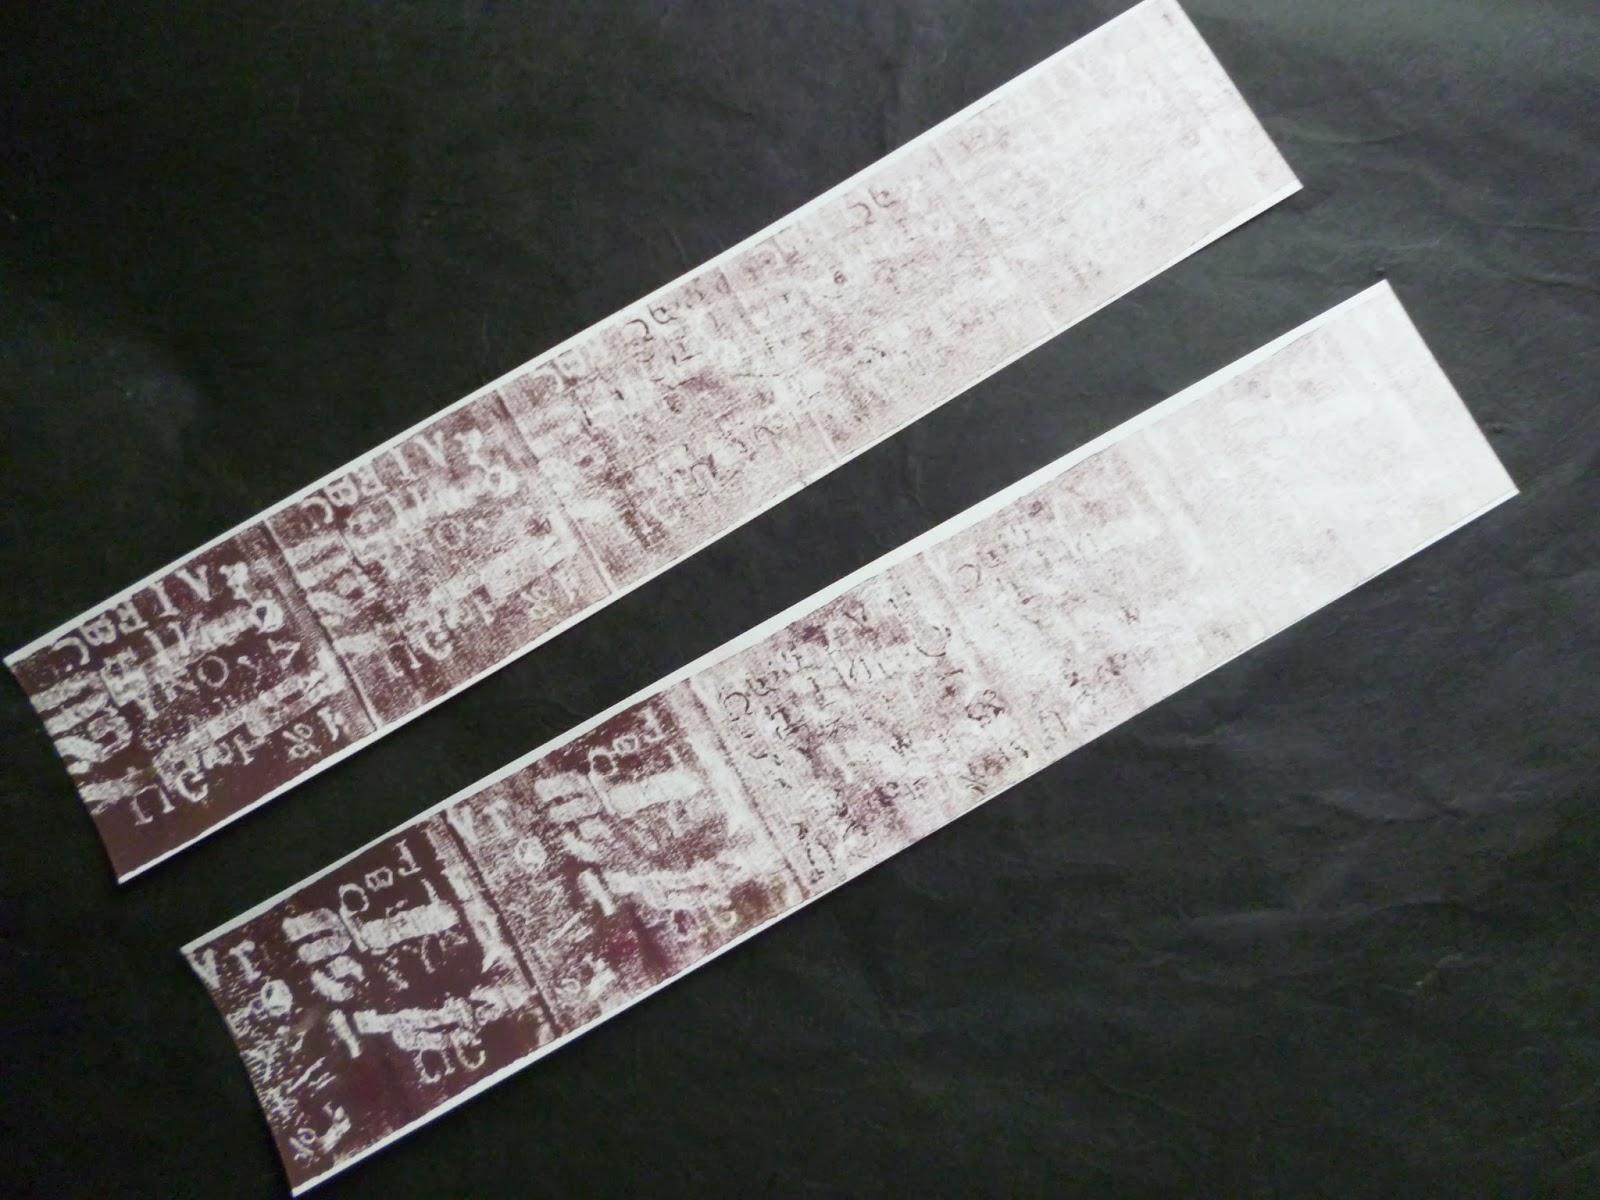 Cuir et plume calligraphies pour les f tes marque place - Modele marque page ...